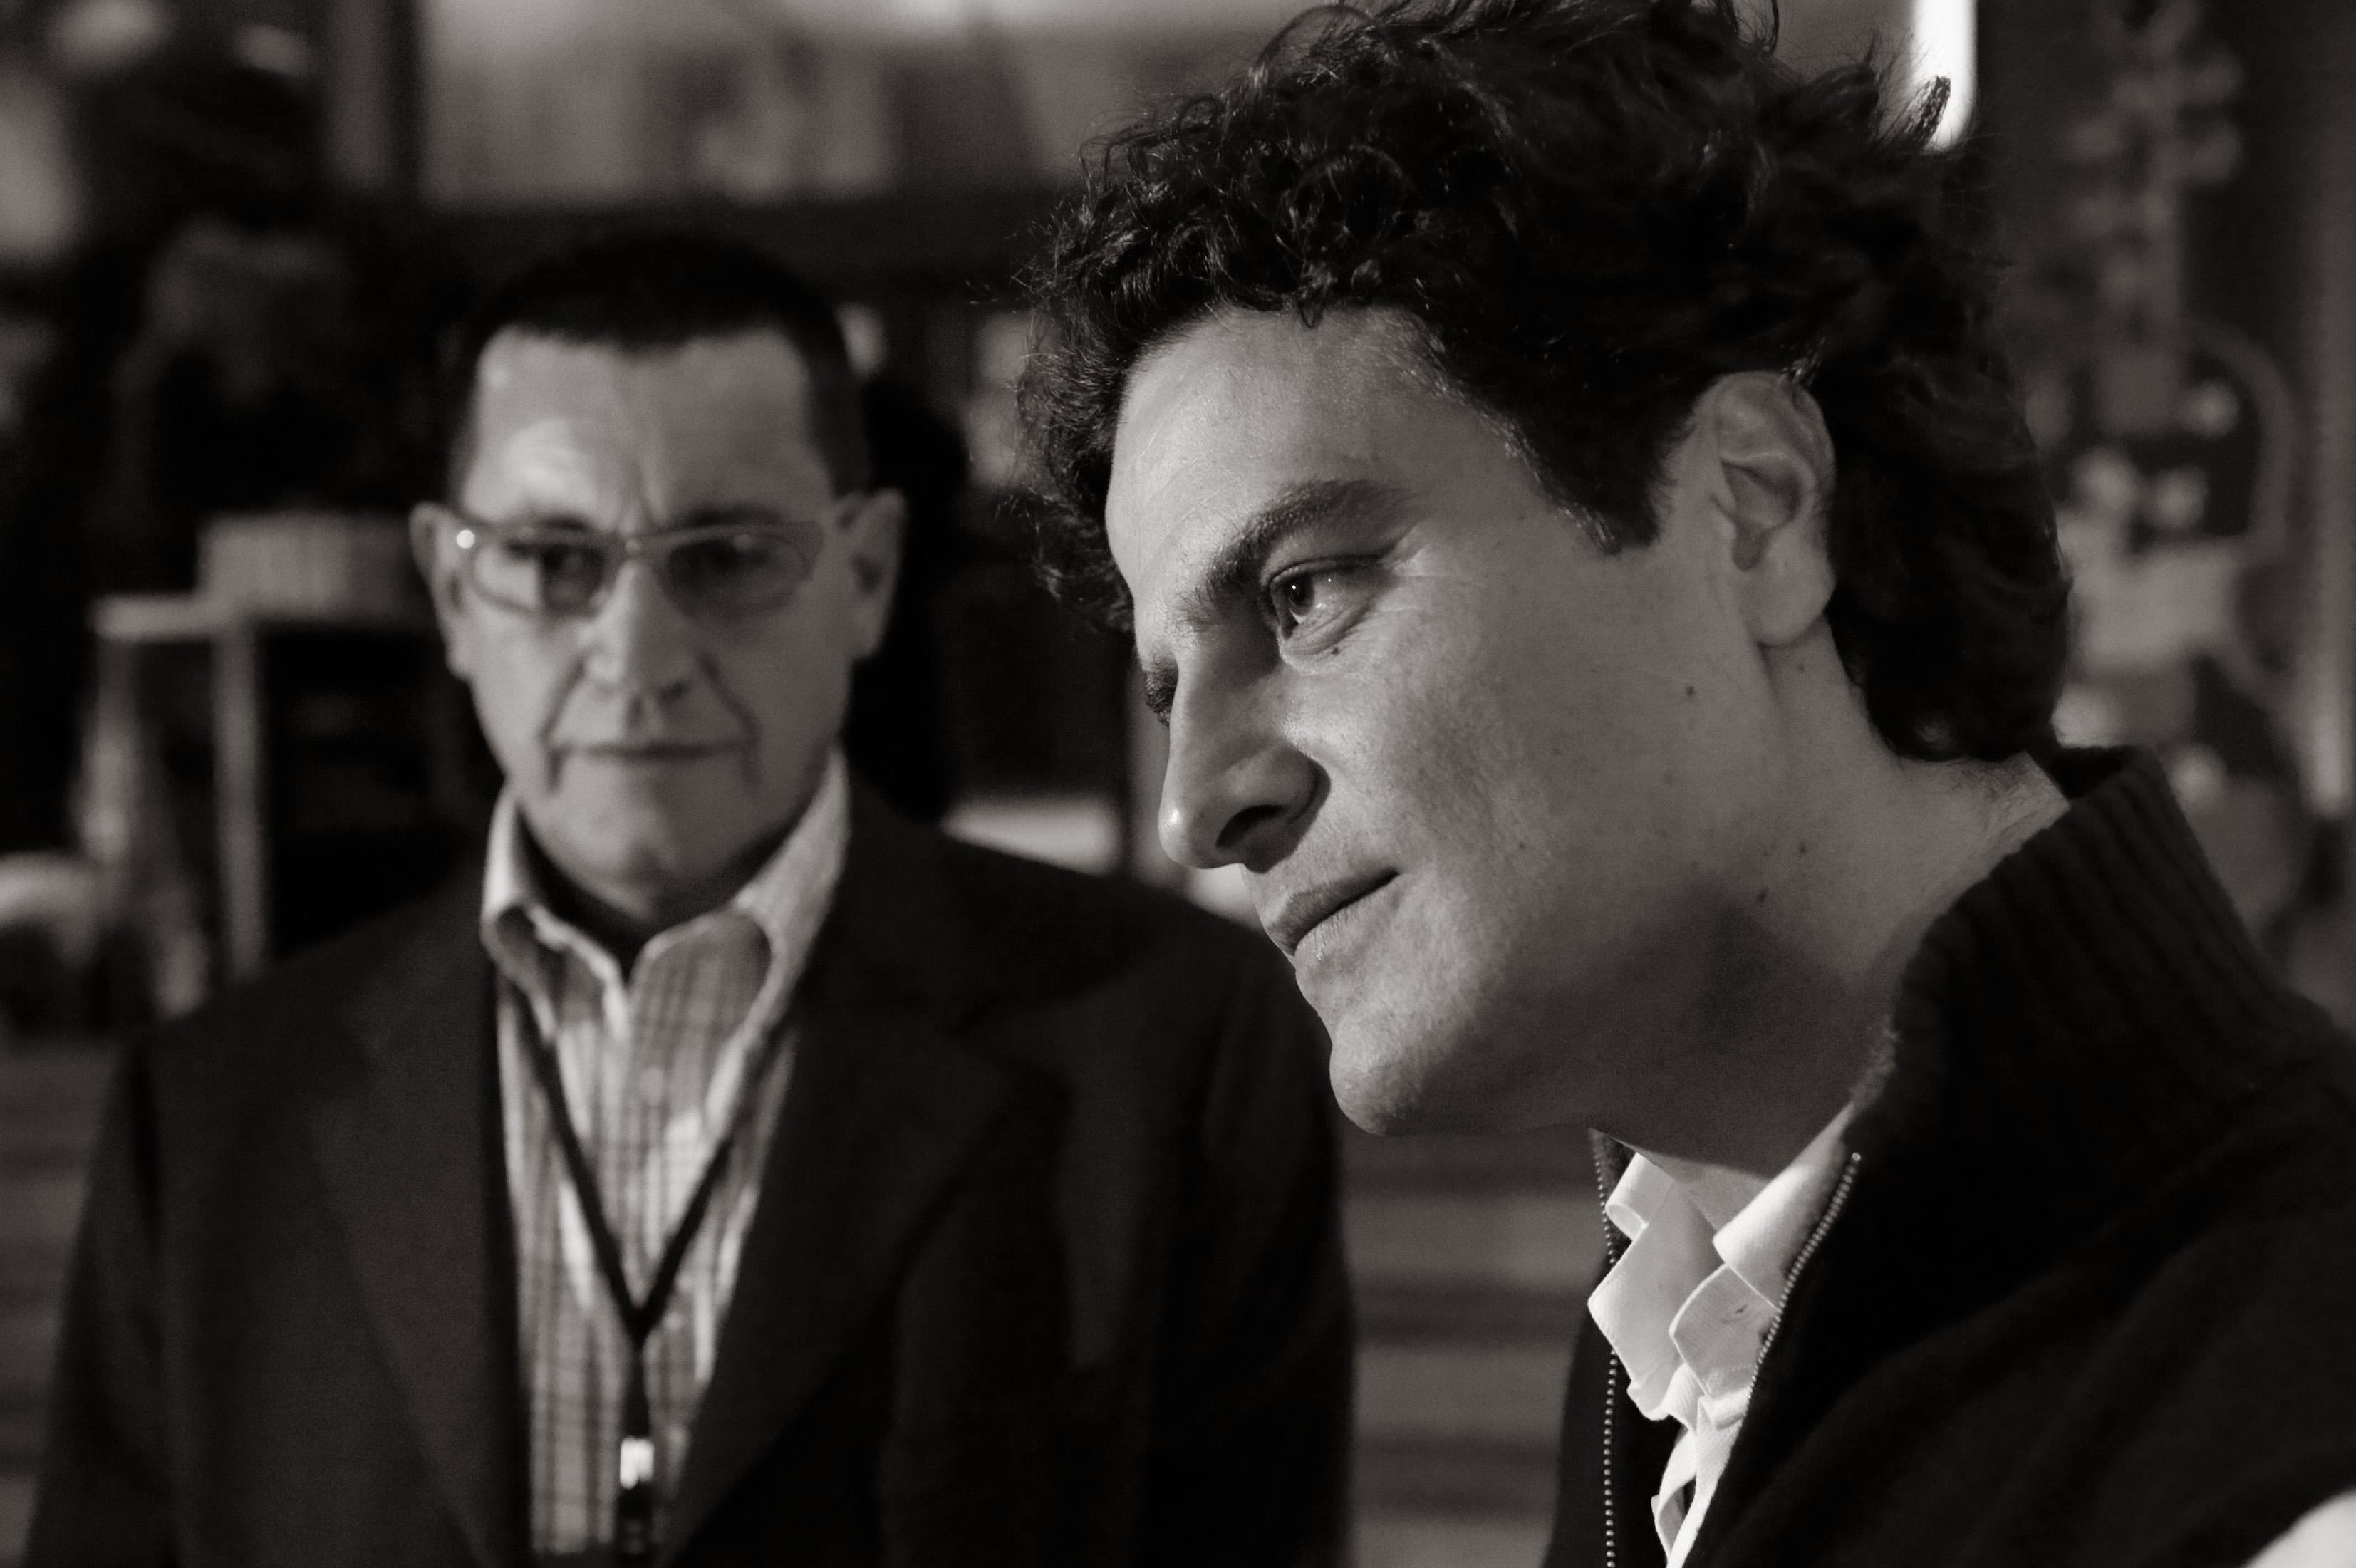 Enrico Blumer and Luca Aquino